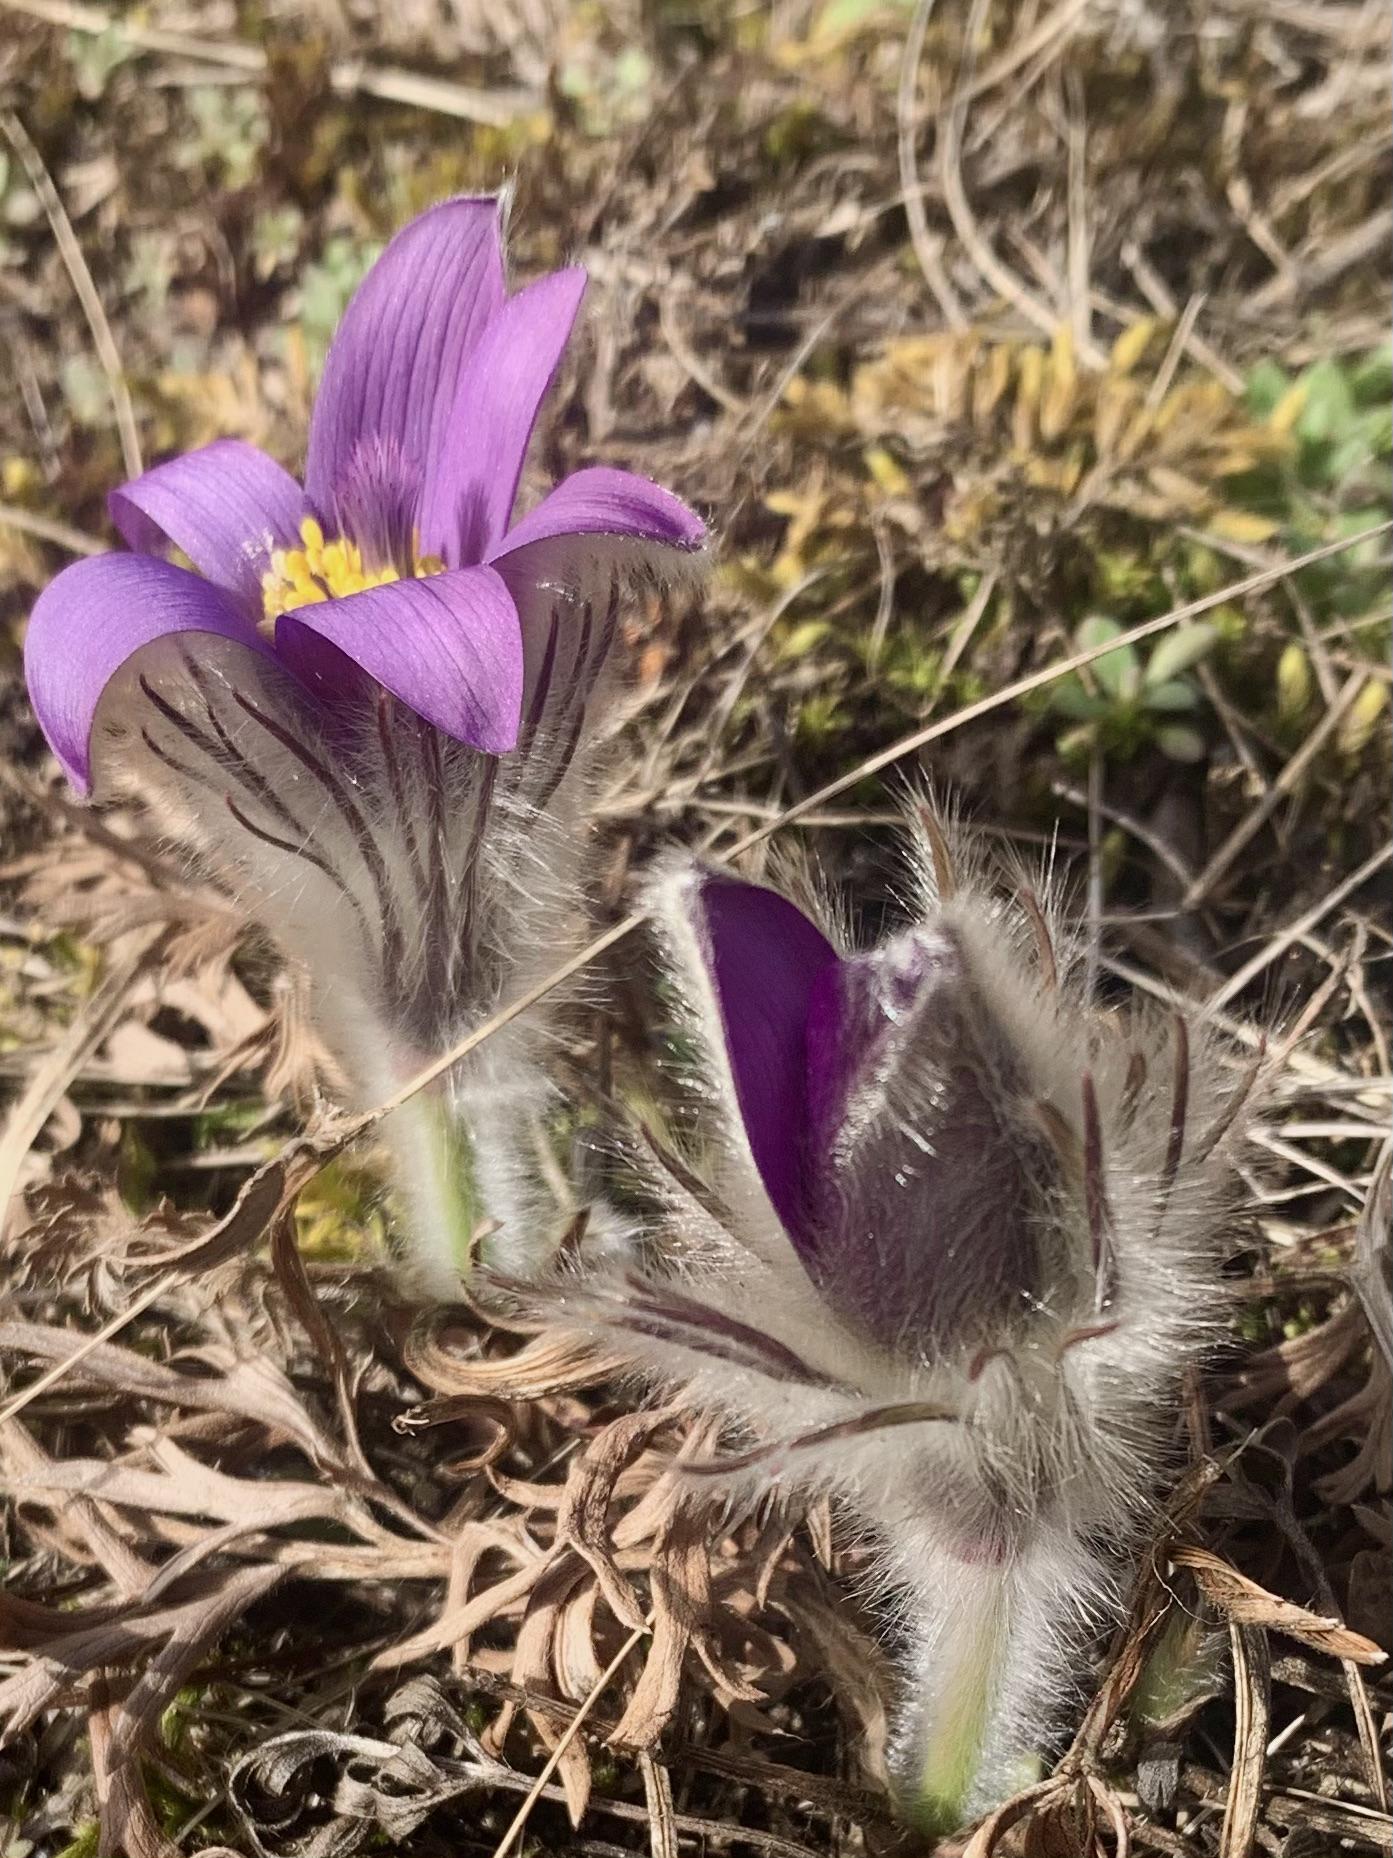 Kuhschelle, Pulsatilla, mit dem behaarten Stengel und Blätter